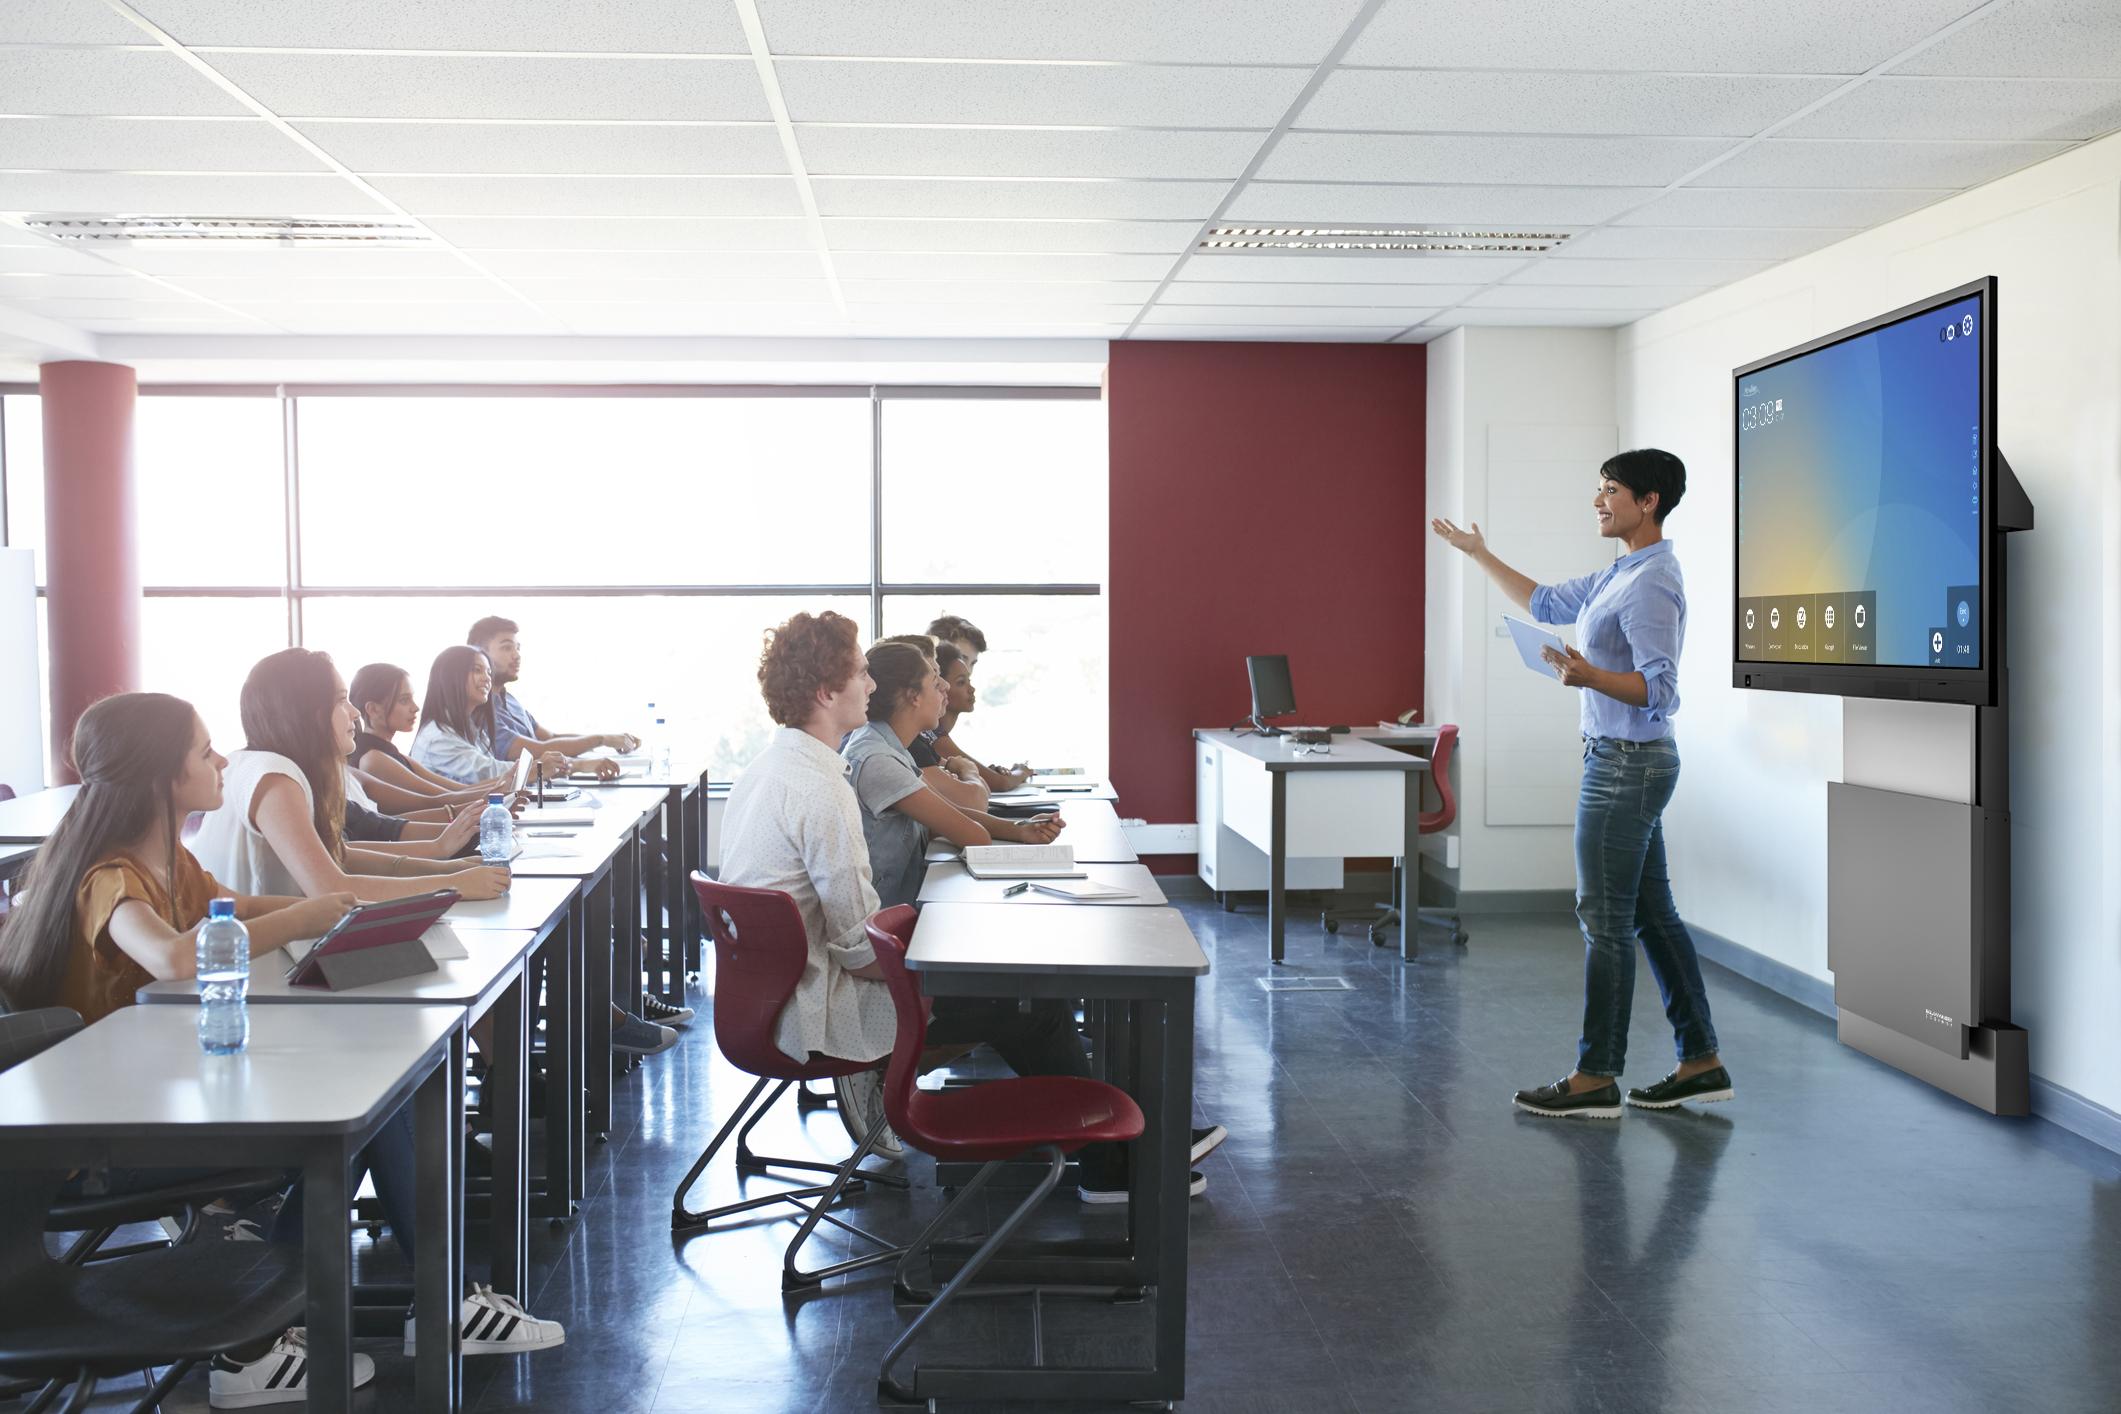 fps-wall-classroom.v2.jpg